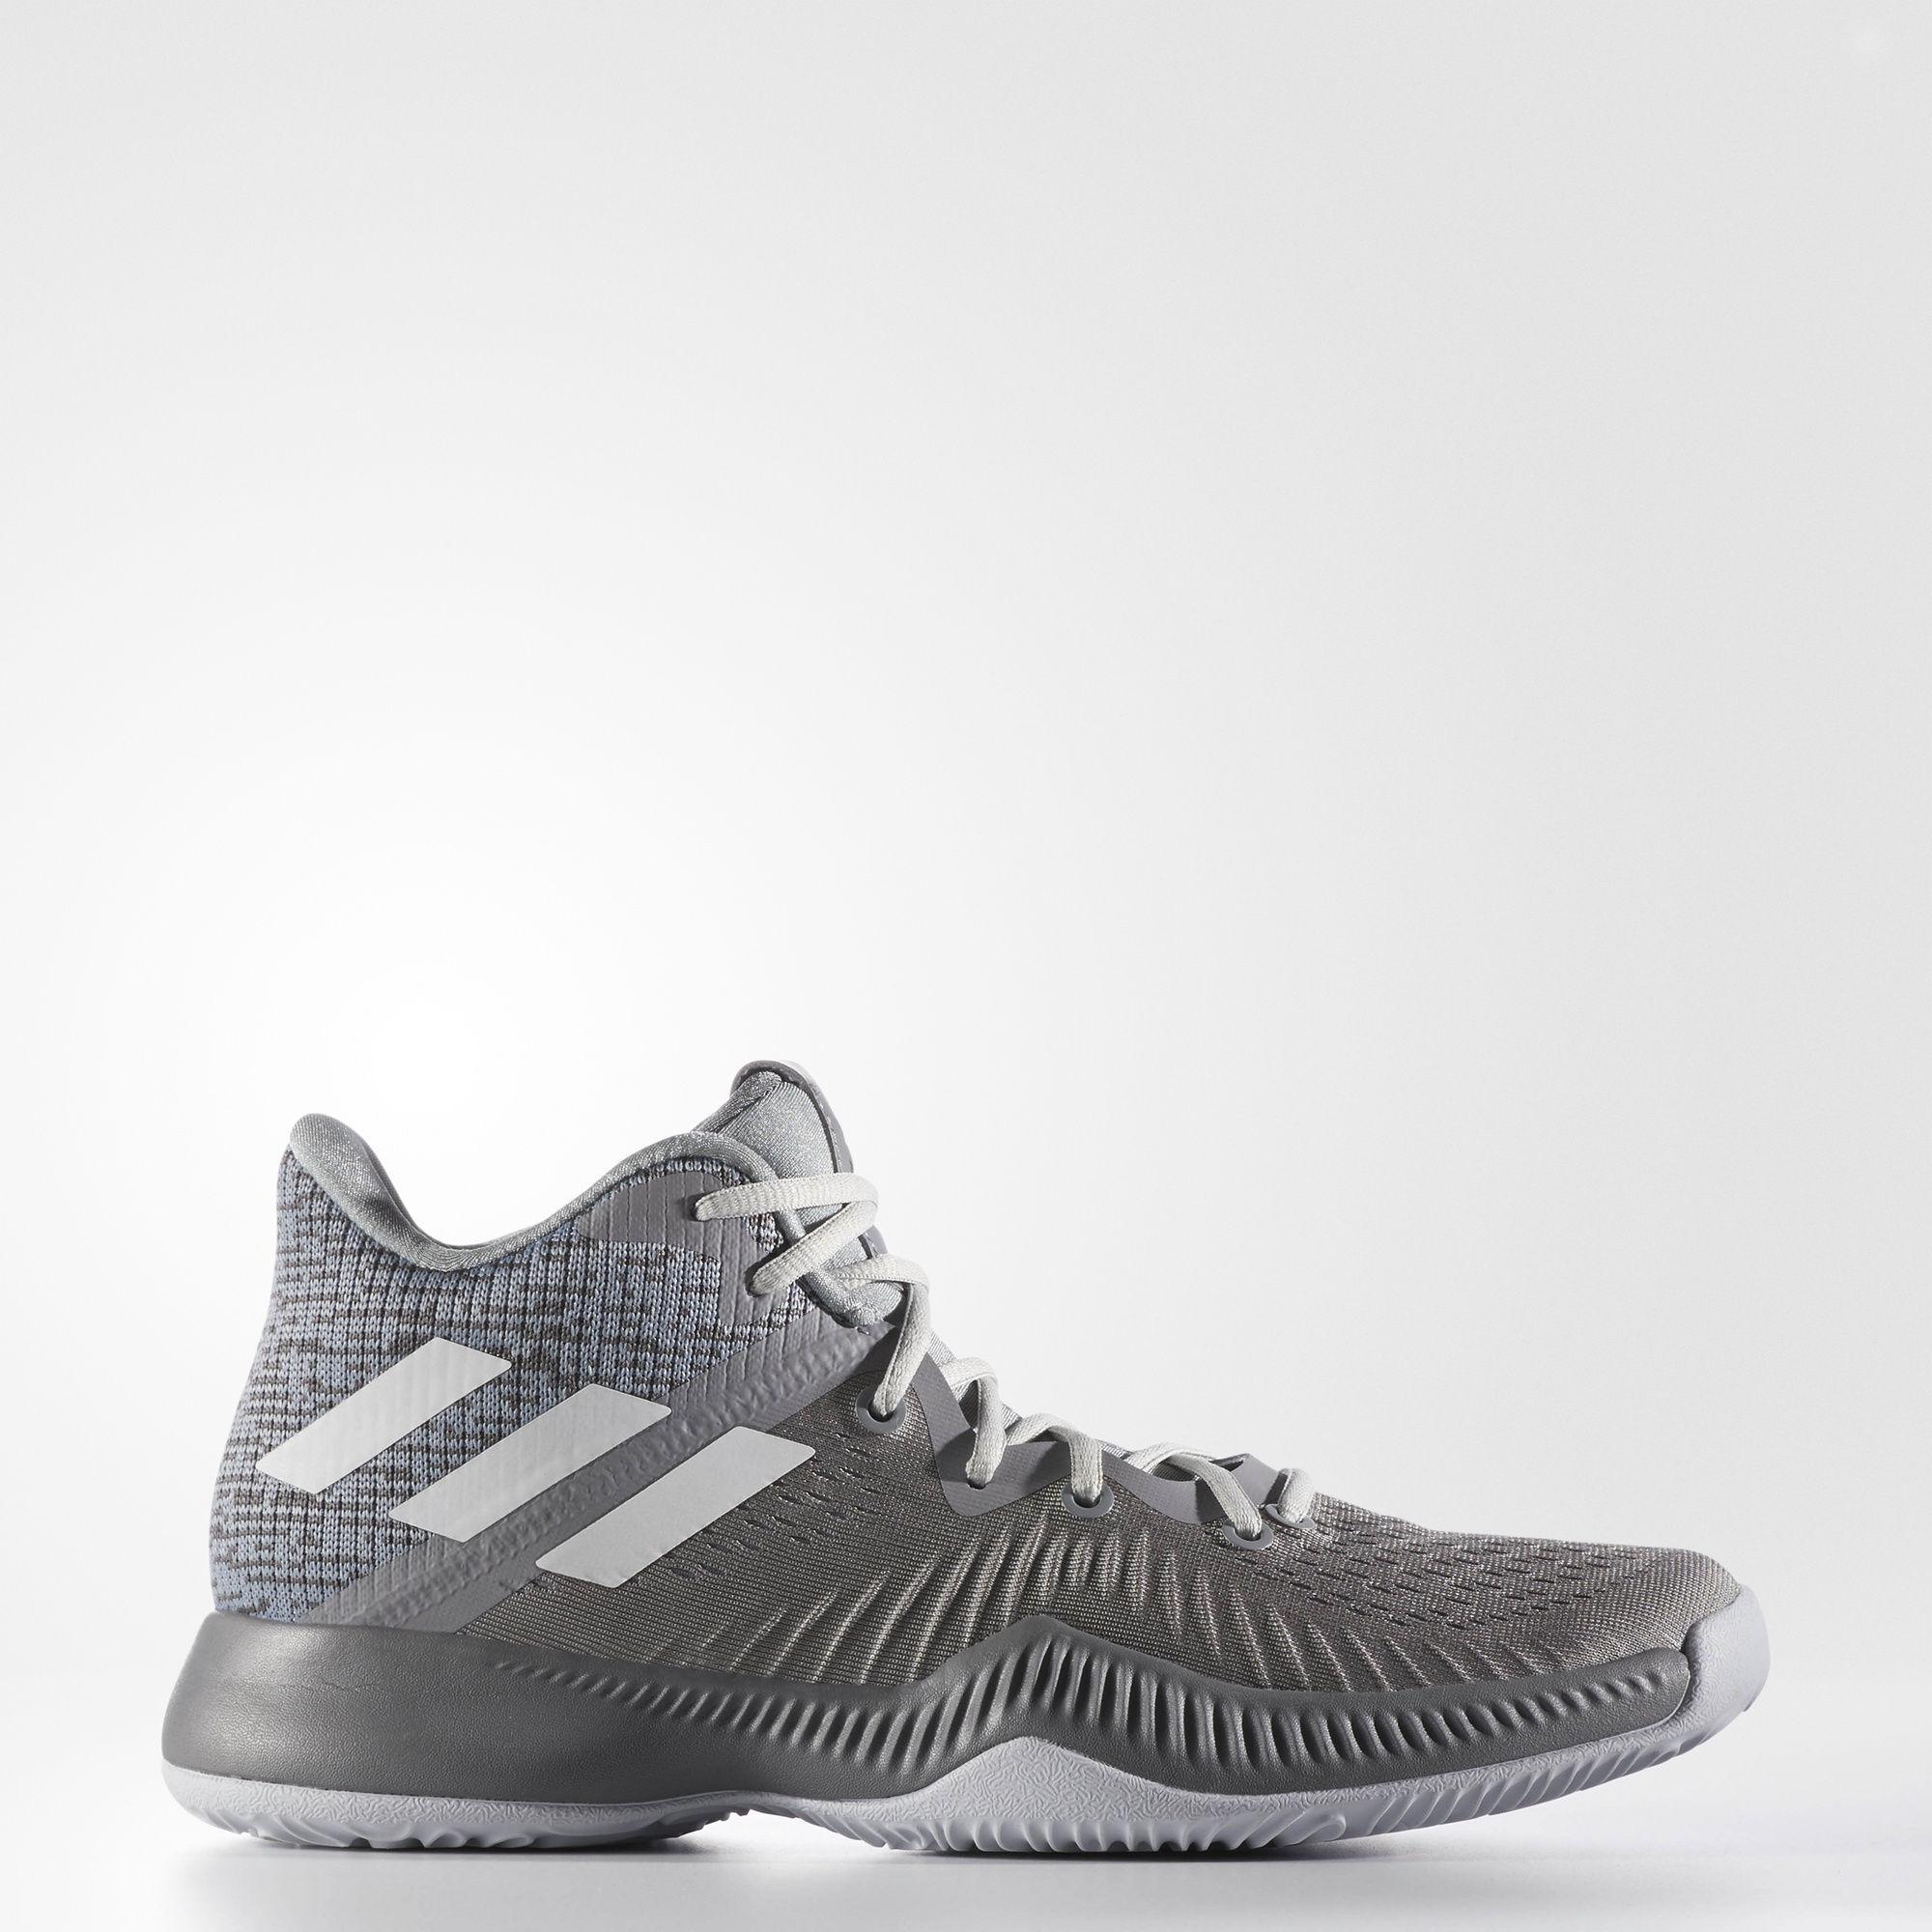 Adidas loco Bounce zapatillas de baloncesto para los hombres